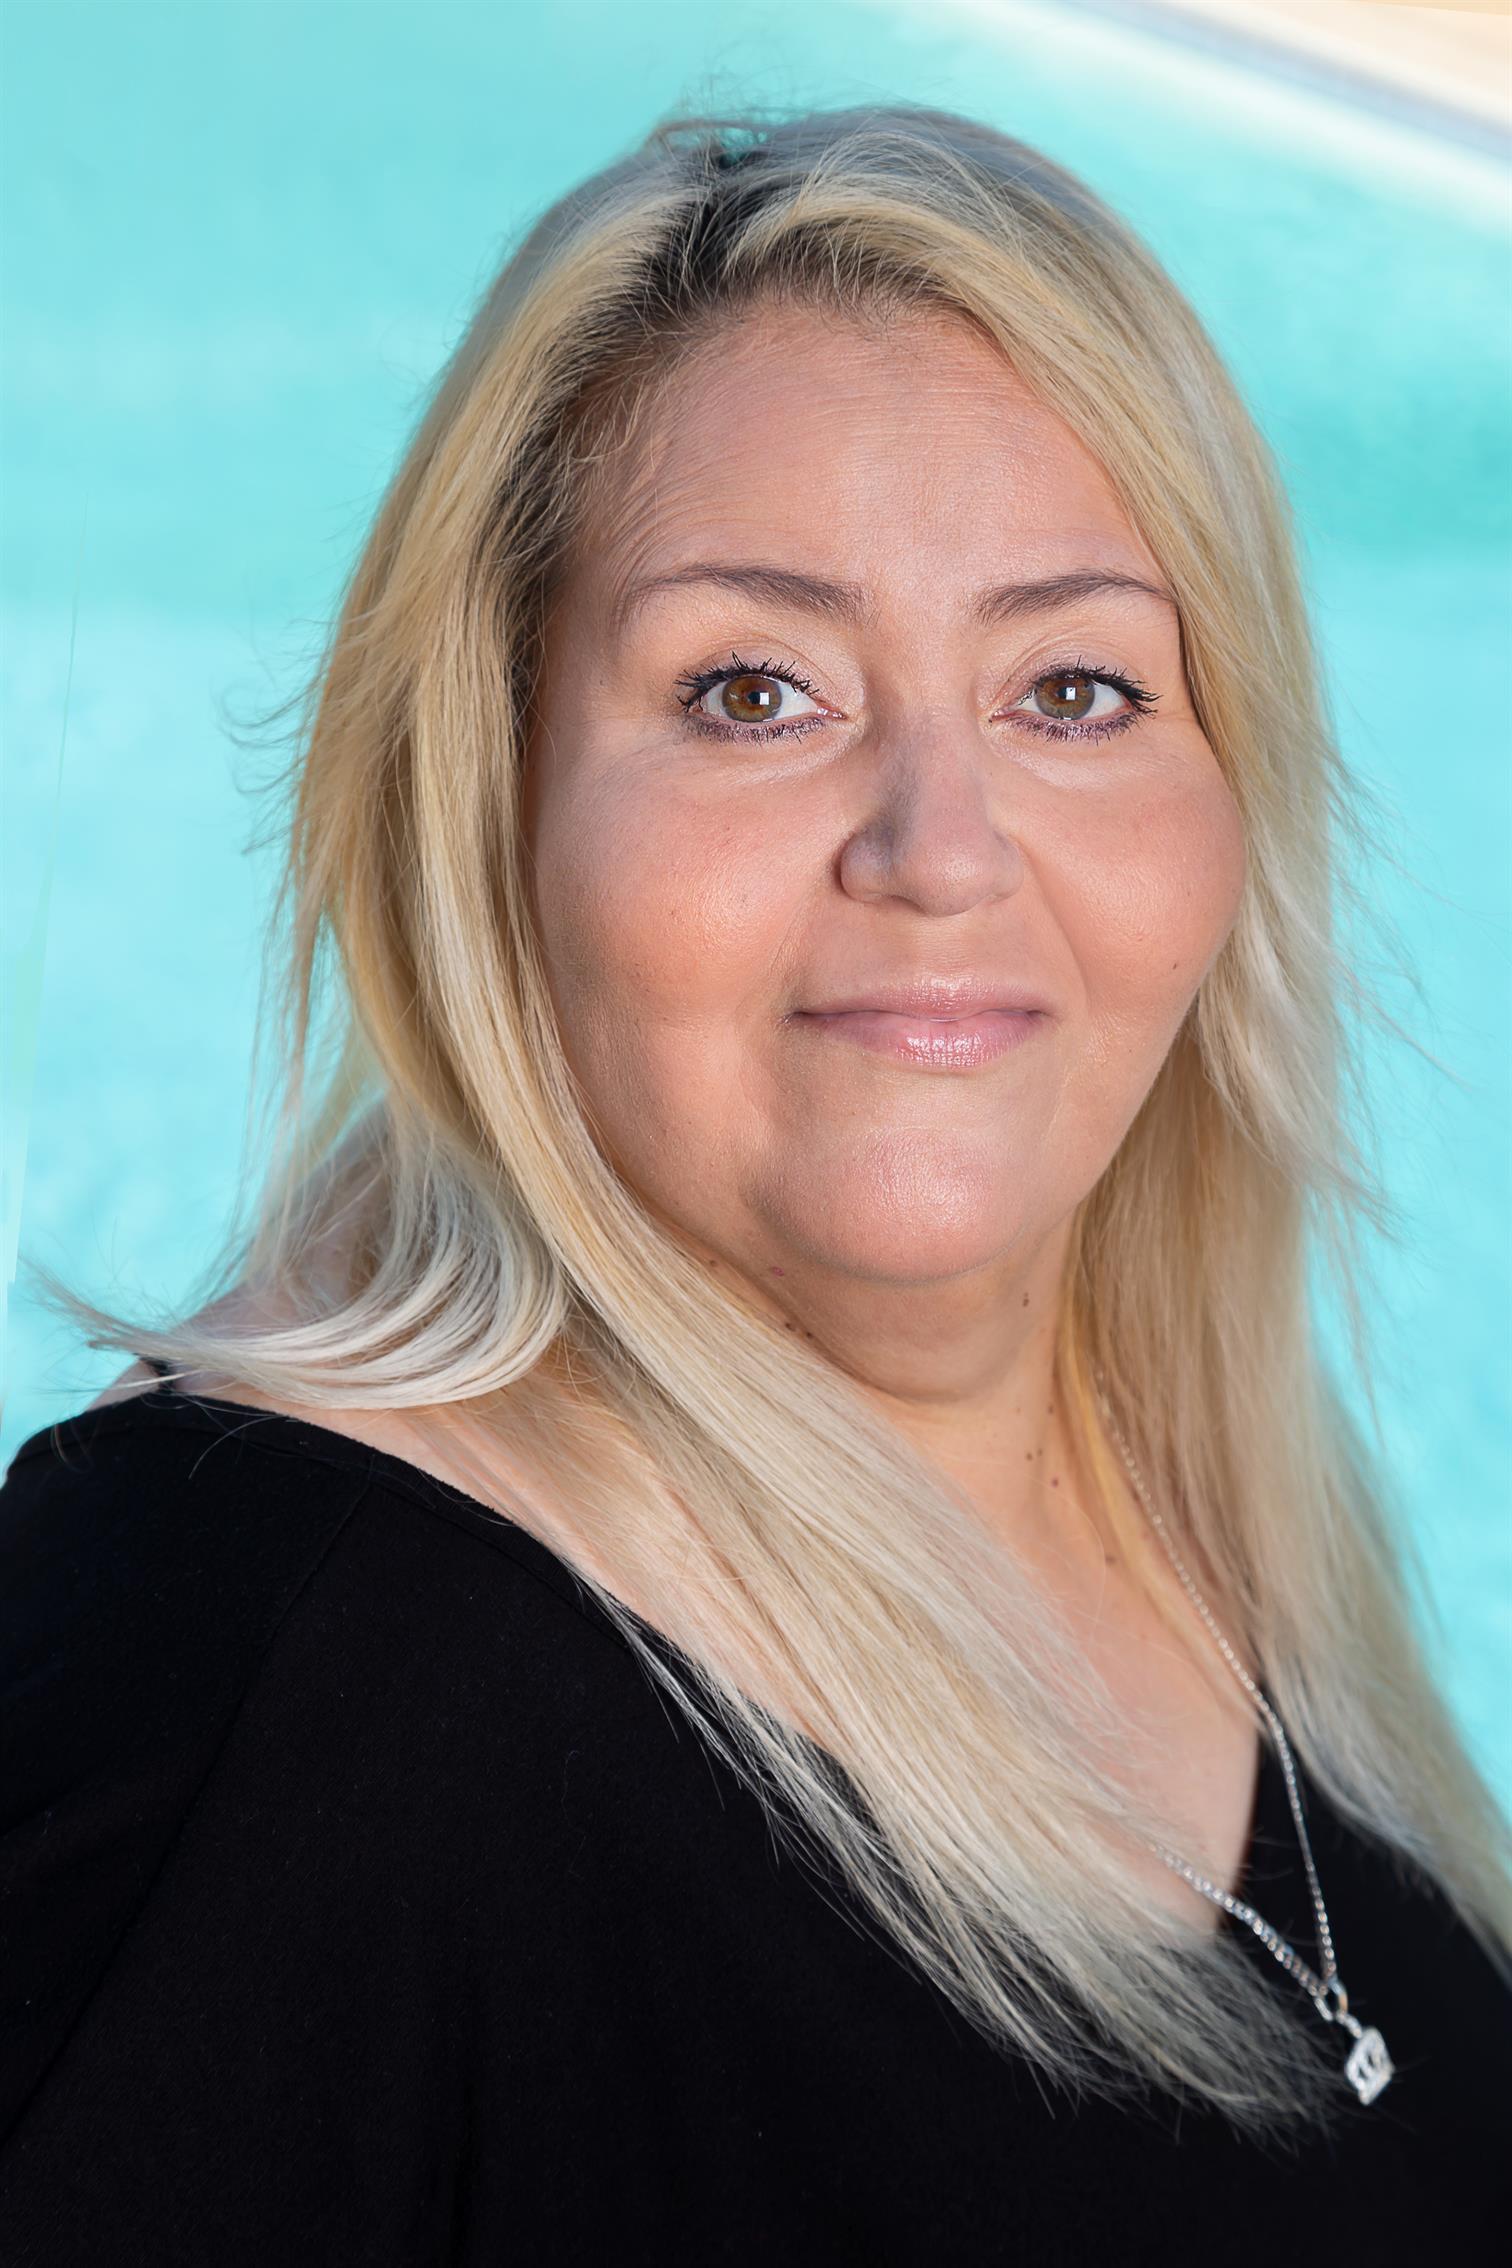 Natalie Trujillo